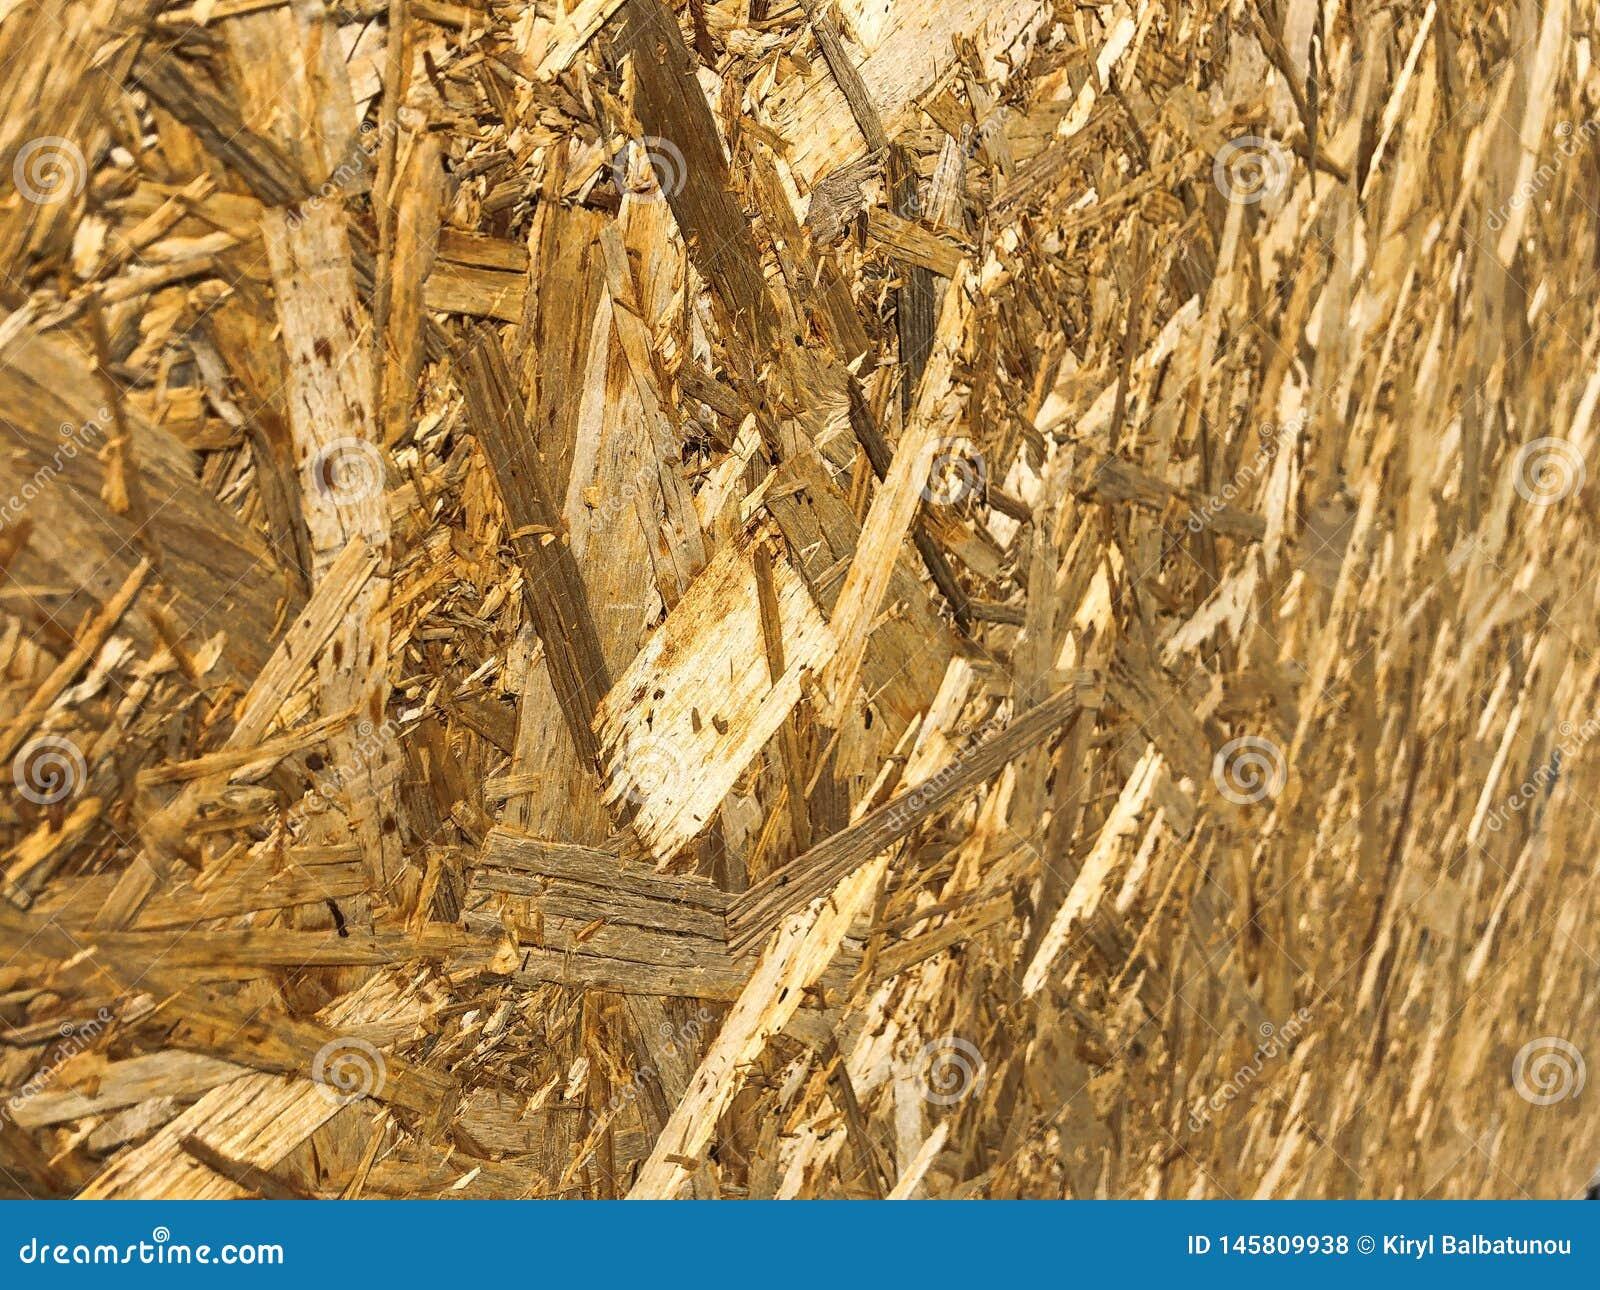 Texturen vanuit een invalshoek van houten geel bouwmateriaal van spaanders en samengeperst zaagsel OSB, het afval van de meubilai